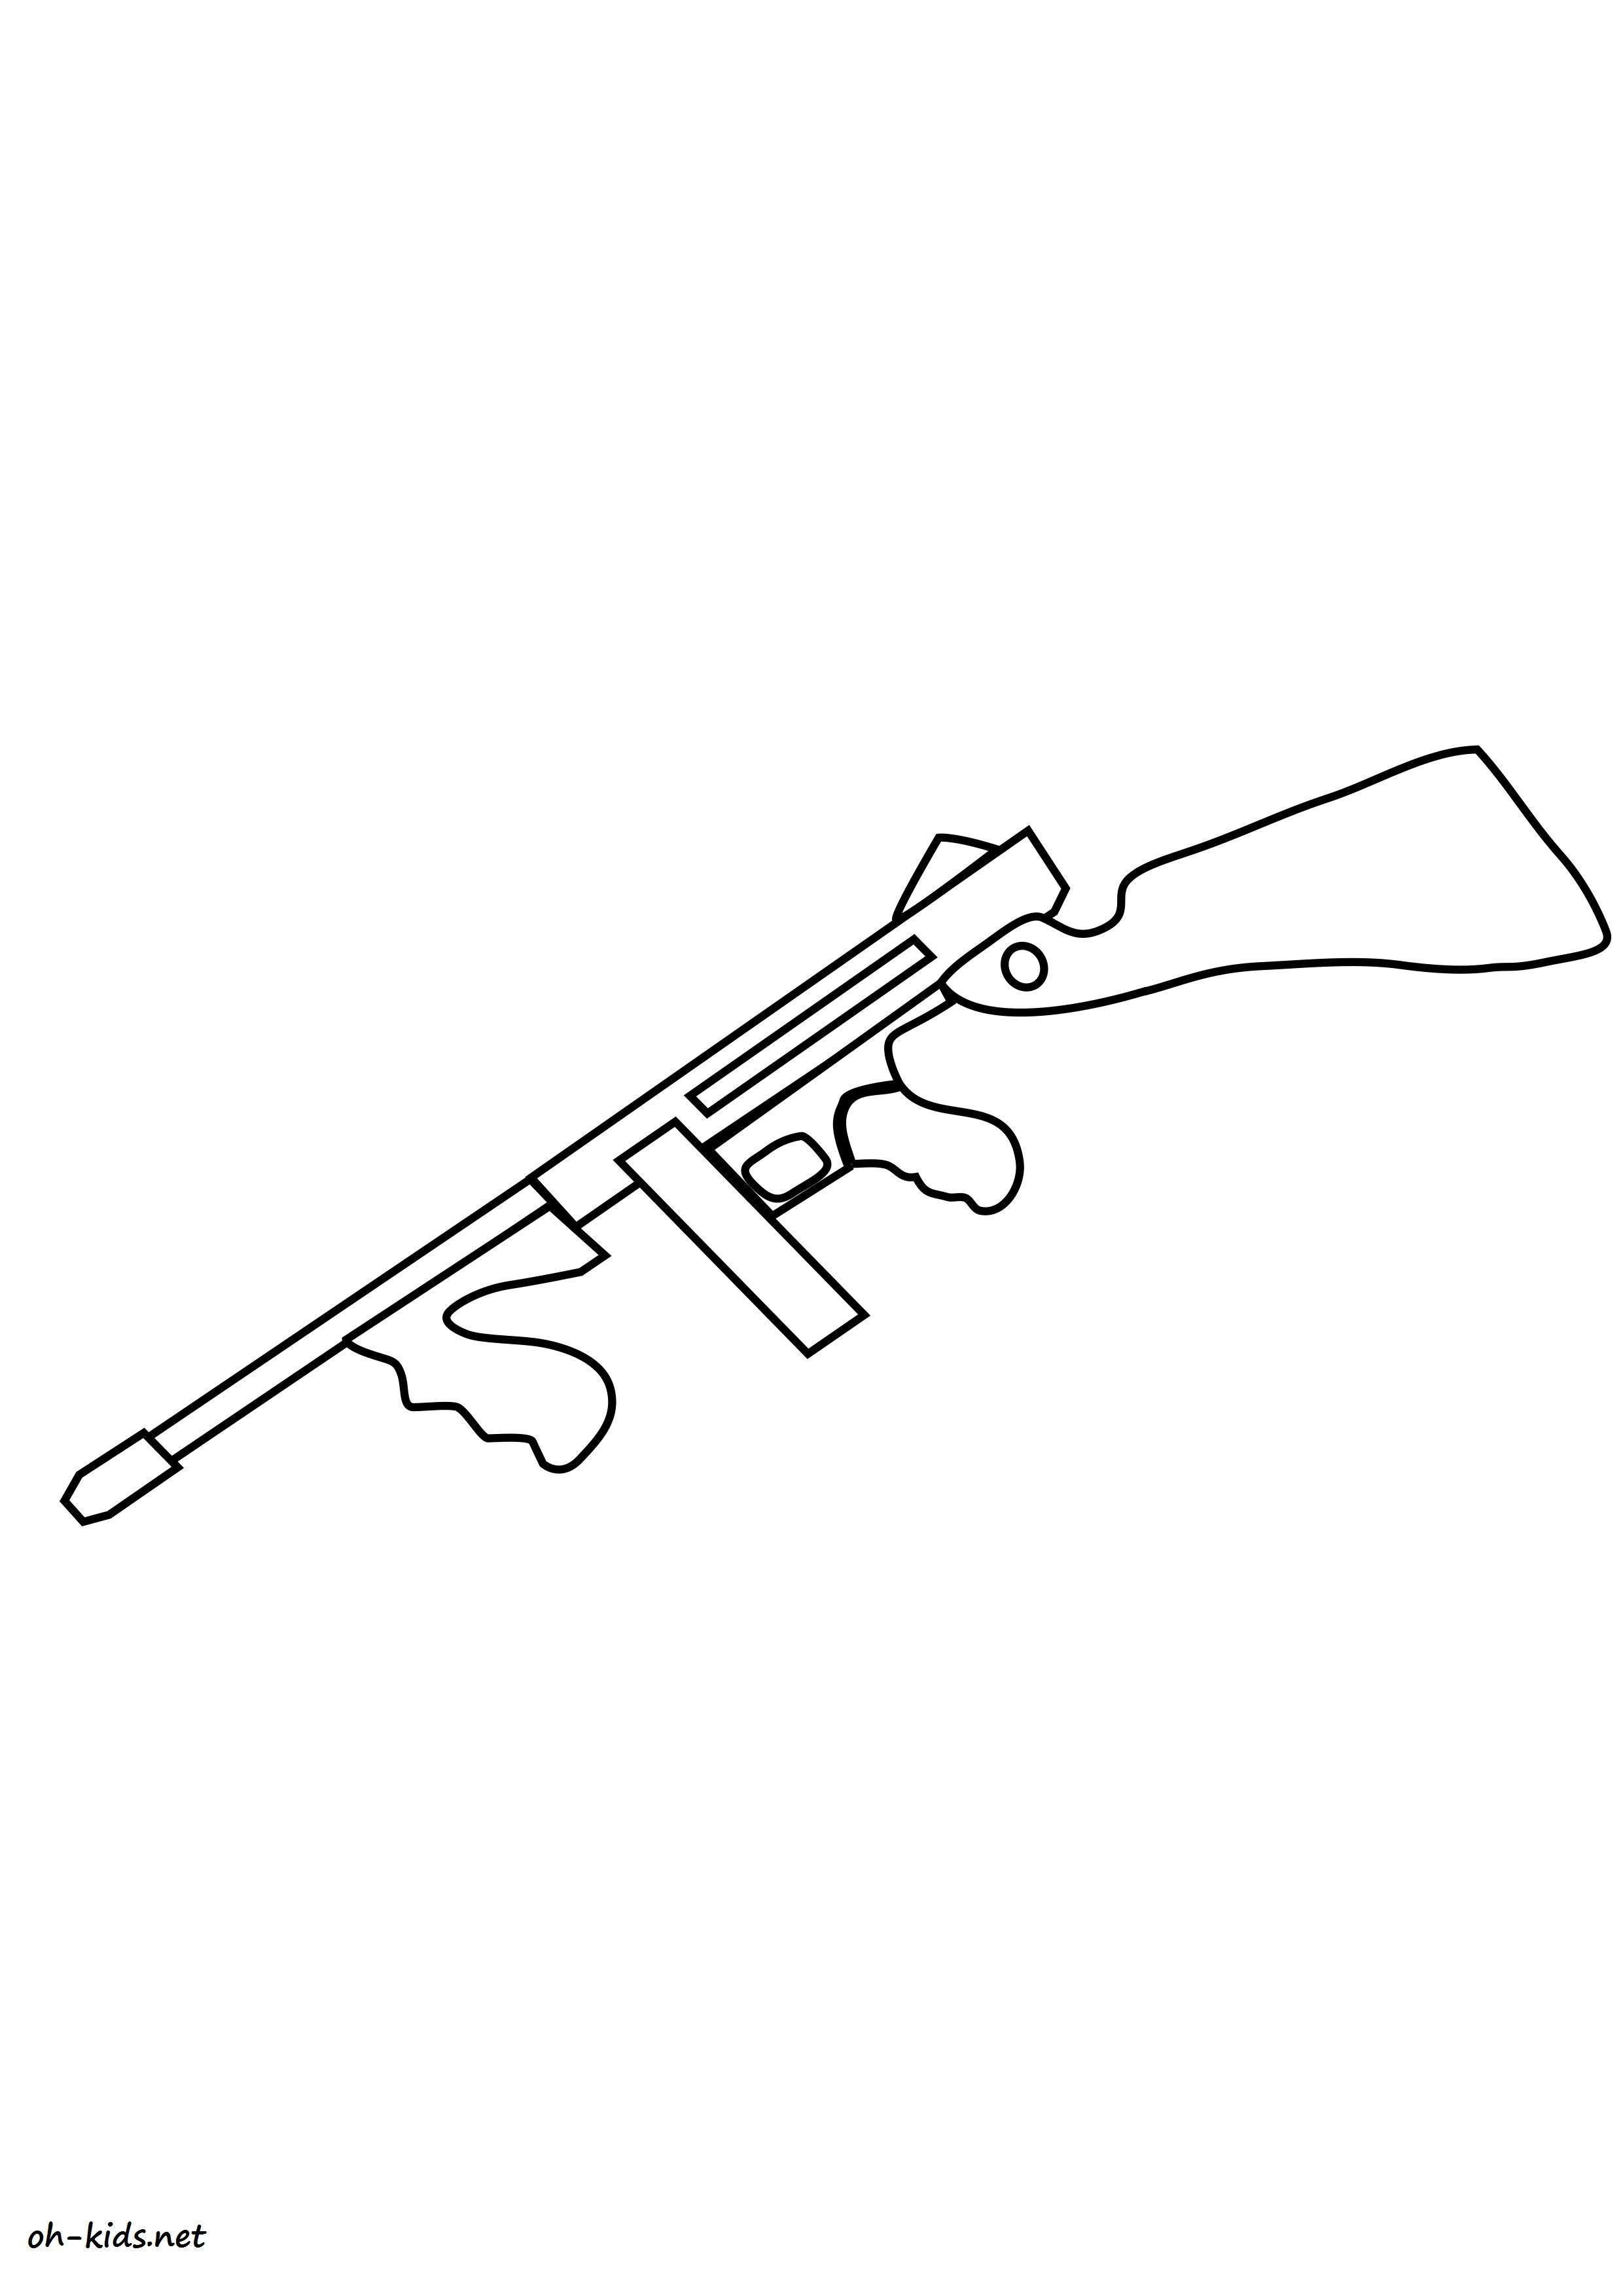 coloriage gratuit de pistolet à imprimer - Dessin #1166